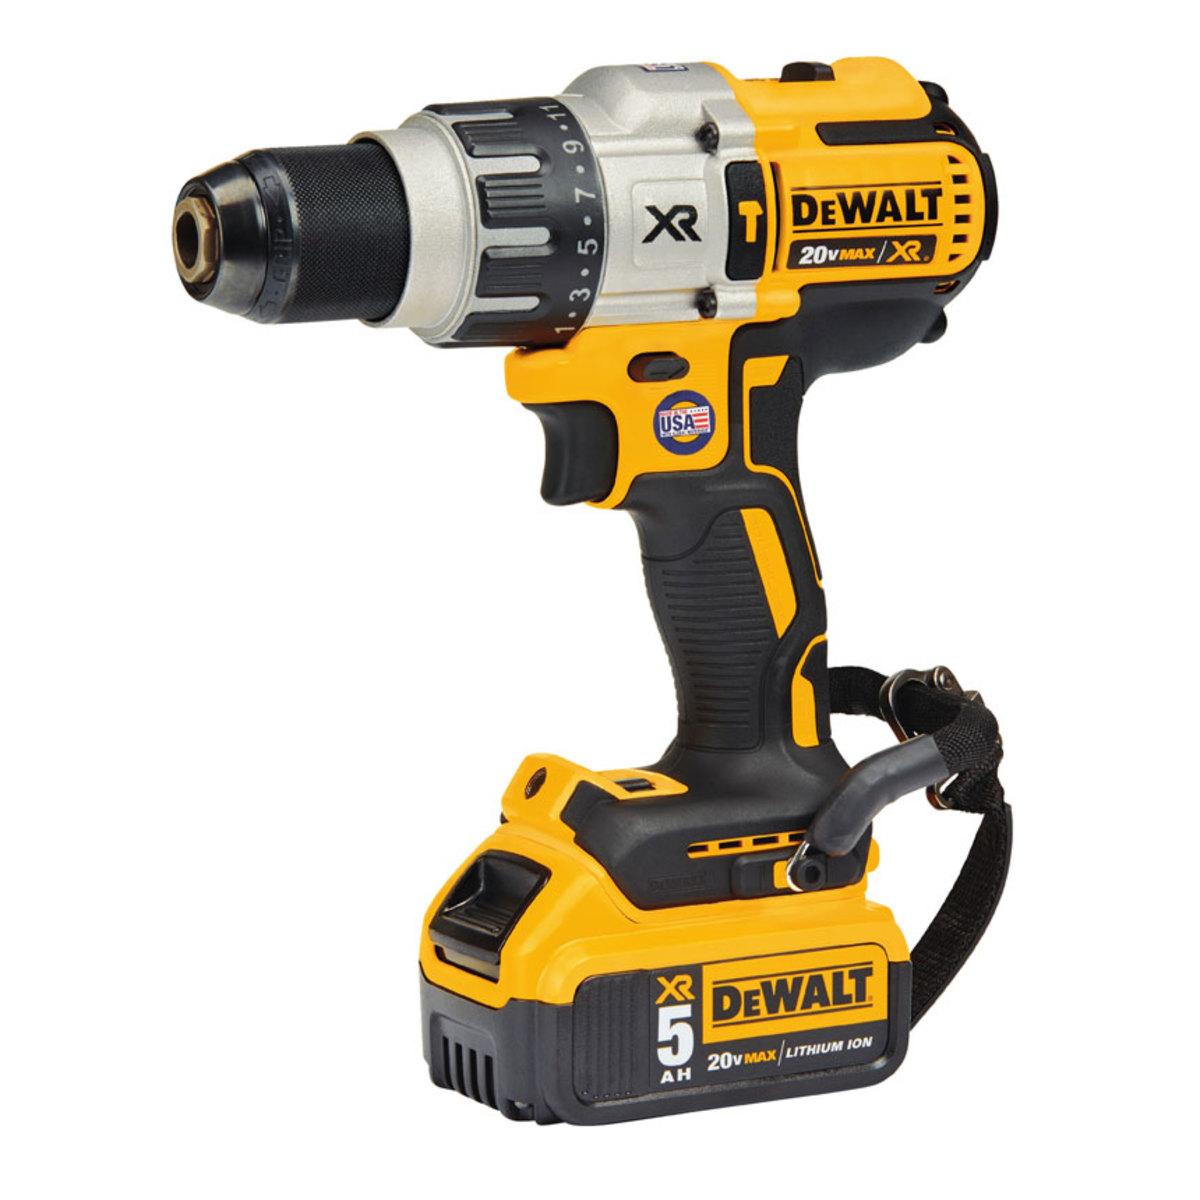 DeWaltx860